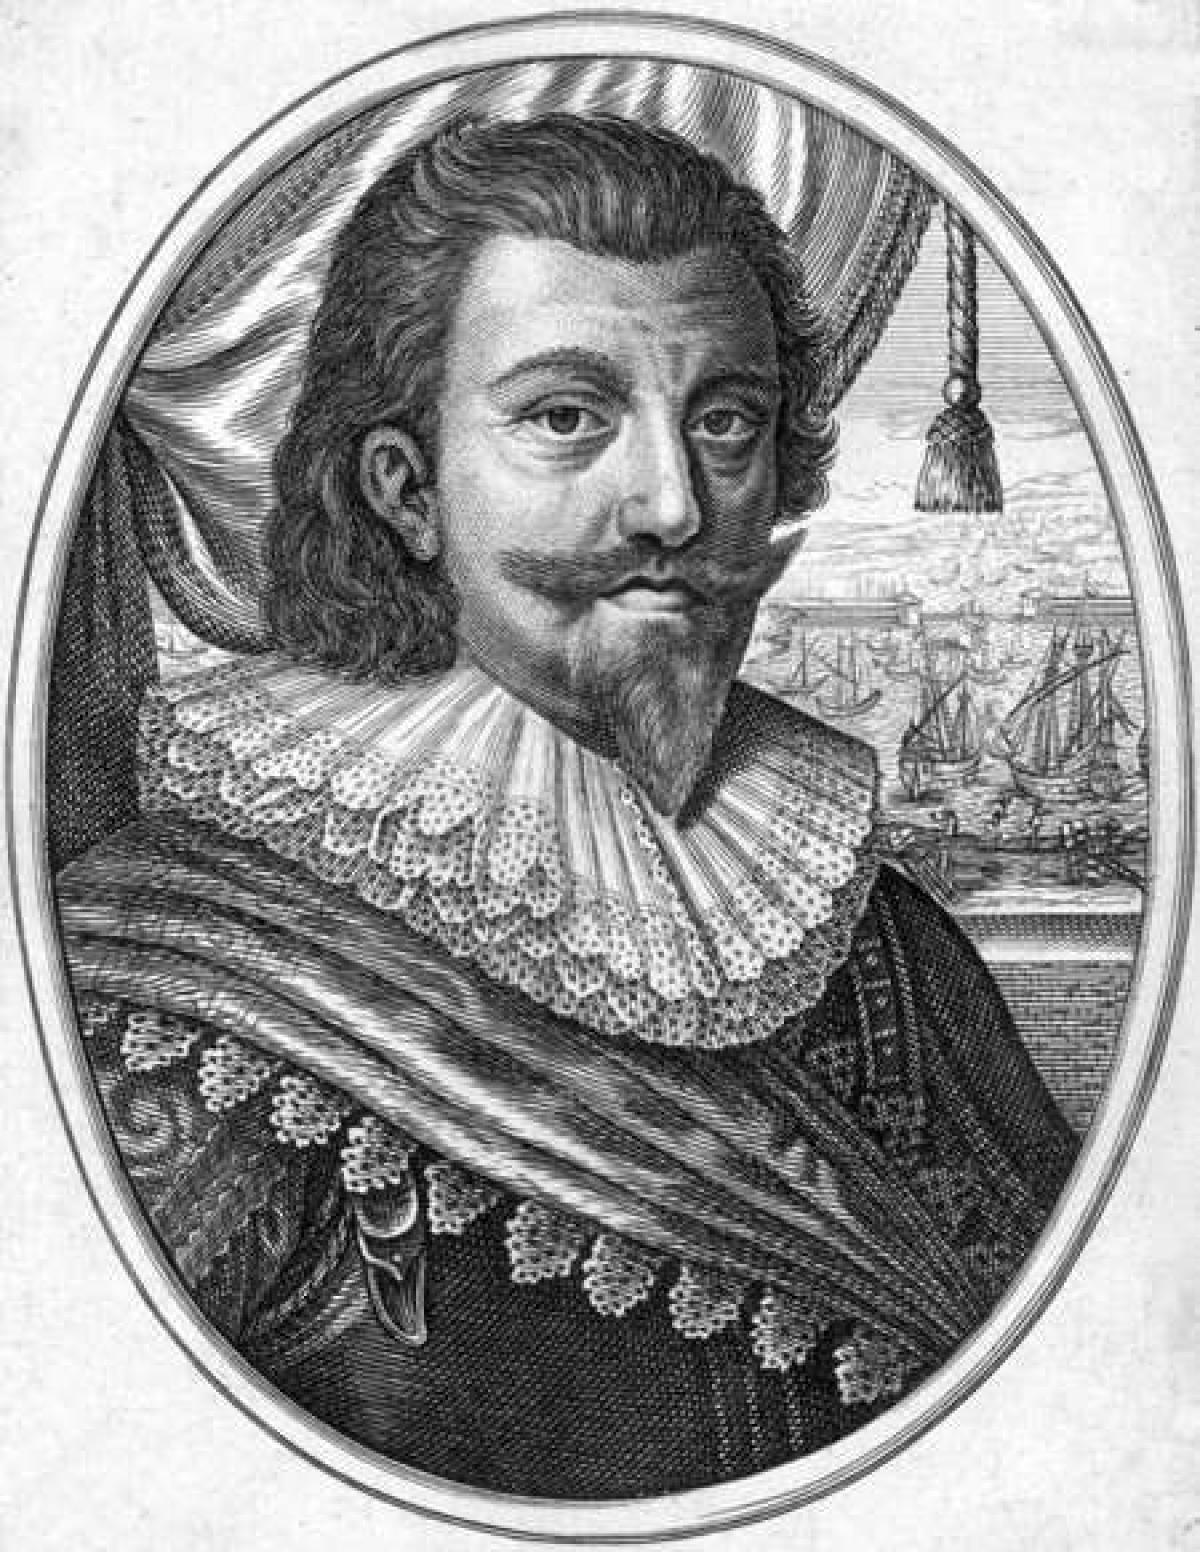 Vua Christian IV của Đan Mạch.Christian IV là vua Đan Mạch – Na Uy và Công tước Holstein và Schleswig từ năm 1588 đến năm 1648. Thời kỳ ông trị vì kéo dài 59 năm.